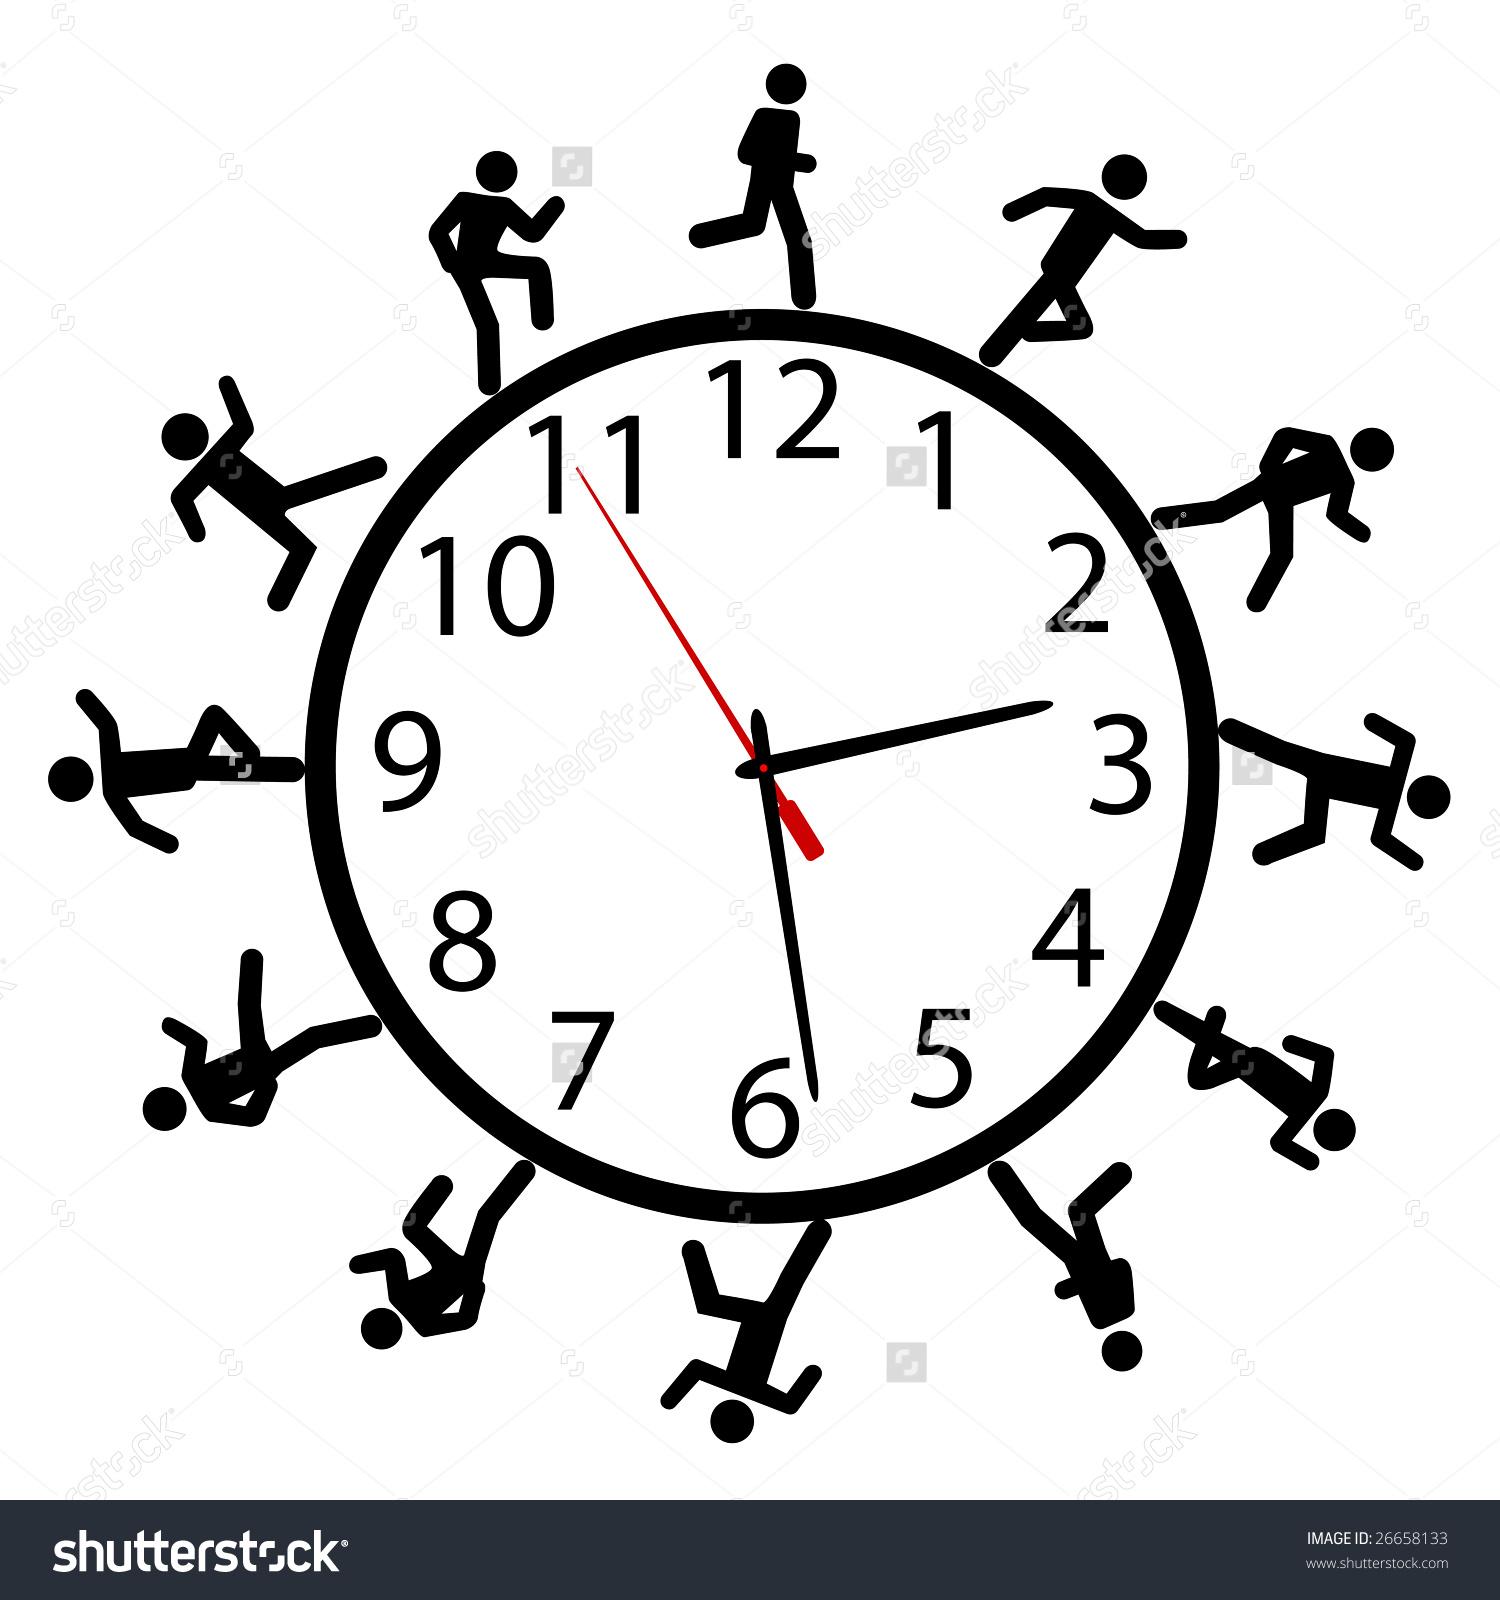 Working Around The Clock Stock Vectors & Vector Clip Art.